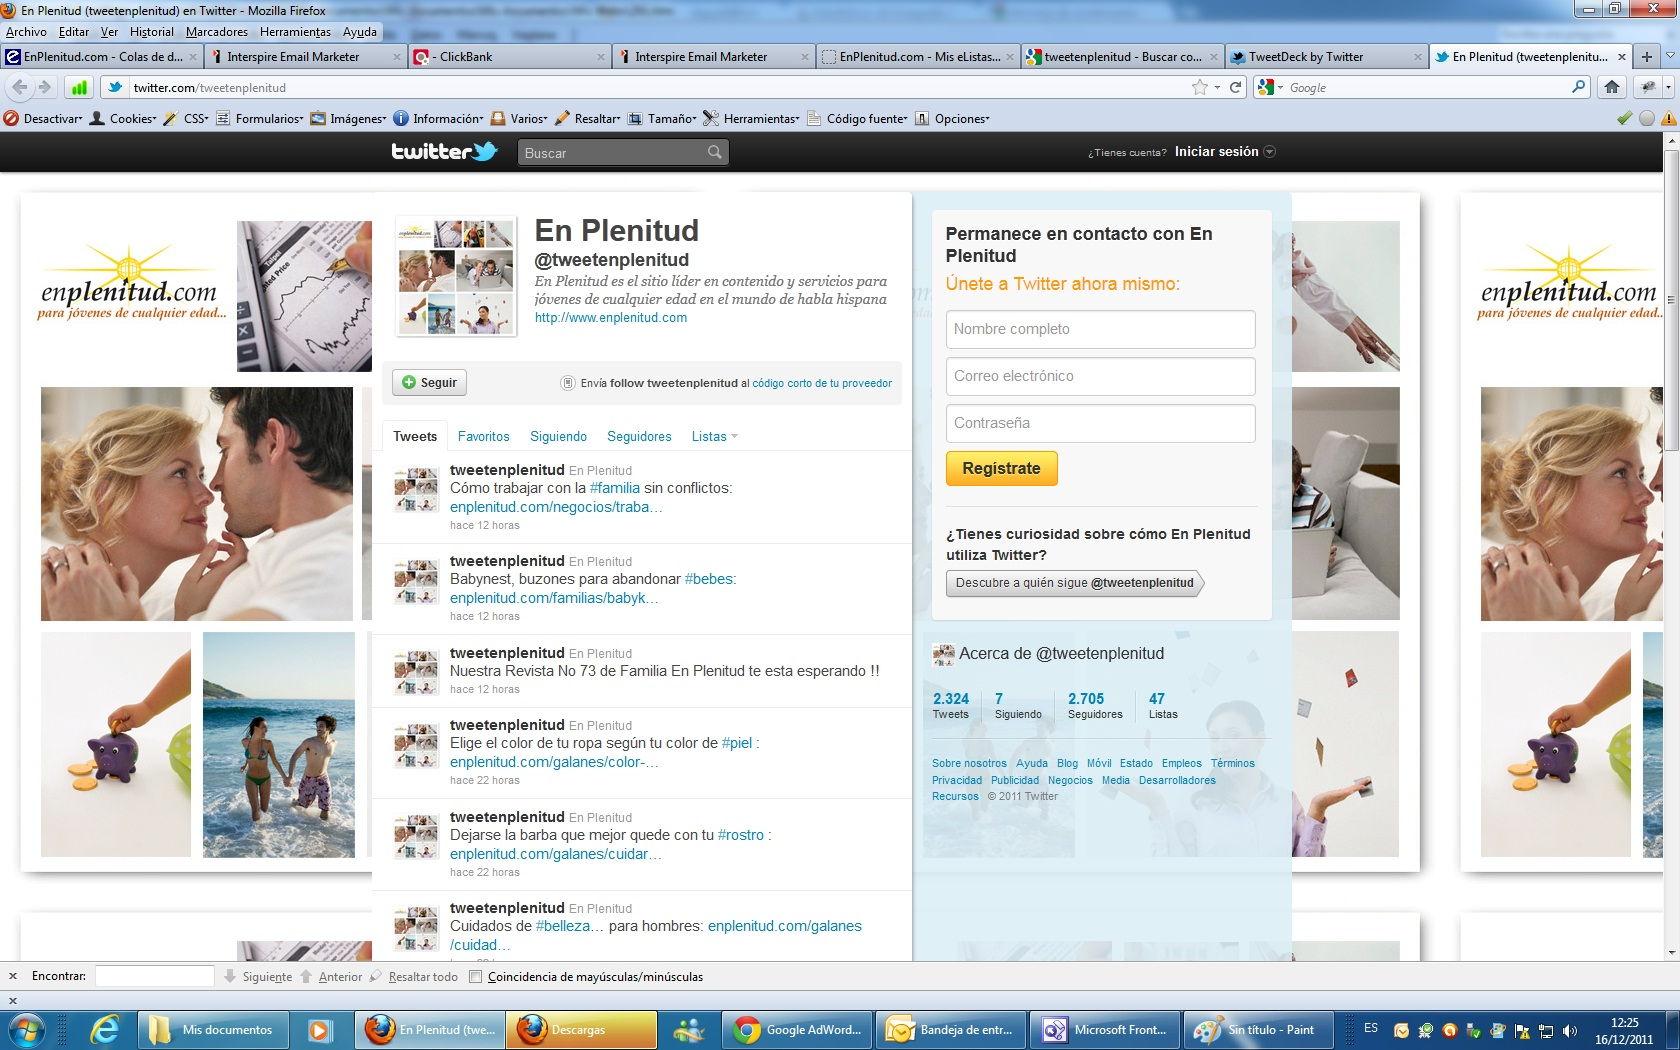 Cómo entrar con tu empresa en Twitter y sobresalir